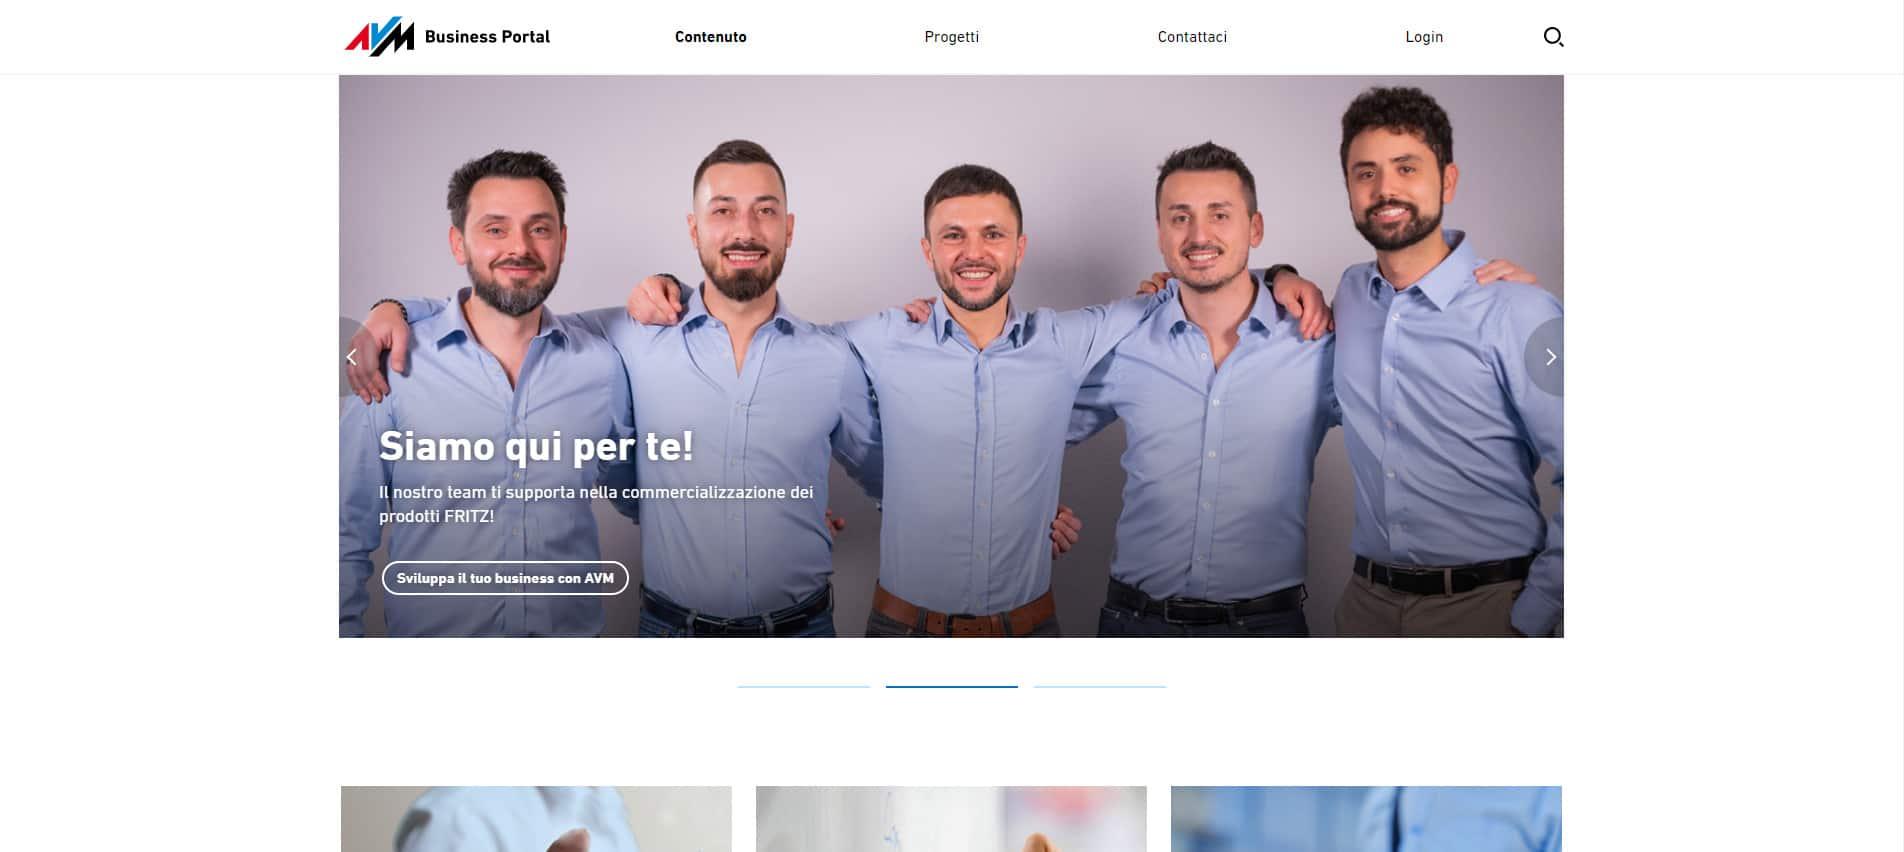 Il nuovo portale di AVM per partner e professionisti thumbnail